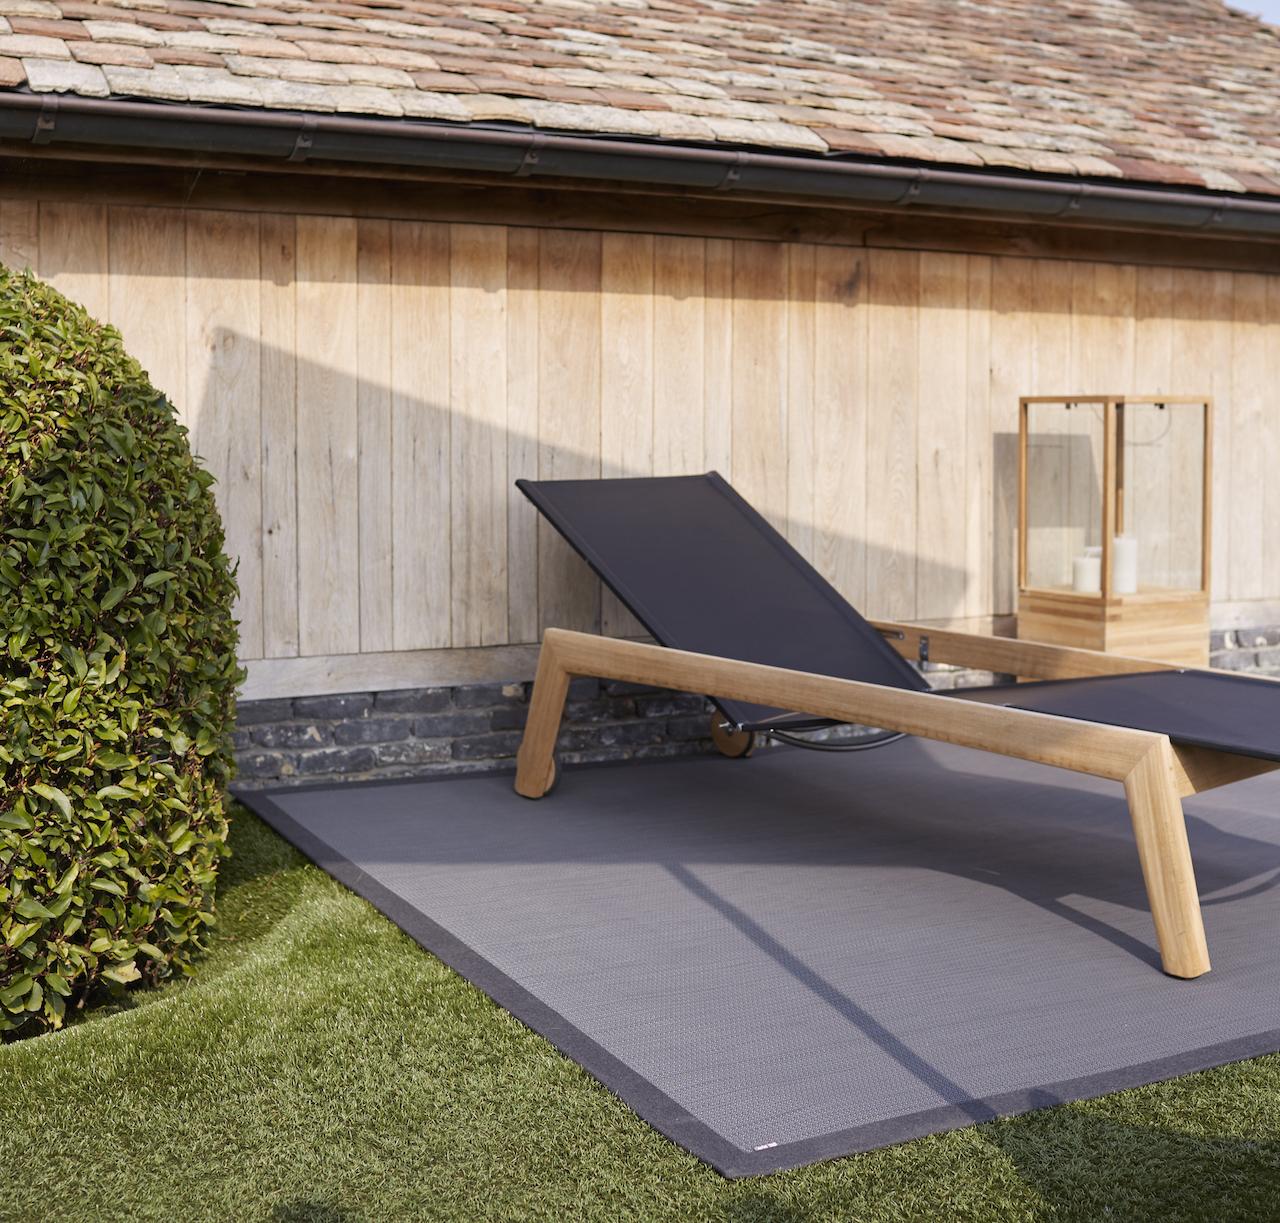 wetterfeste high tech teppiche nach mass f r drinnen und draussen wohnaffi. Black Bedroom Furniture Sets. Home Design Ideas